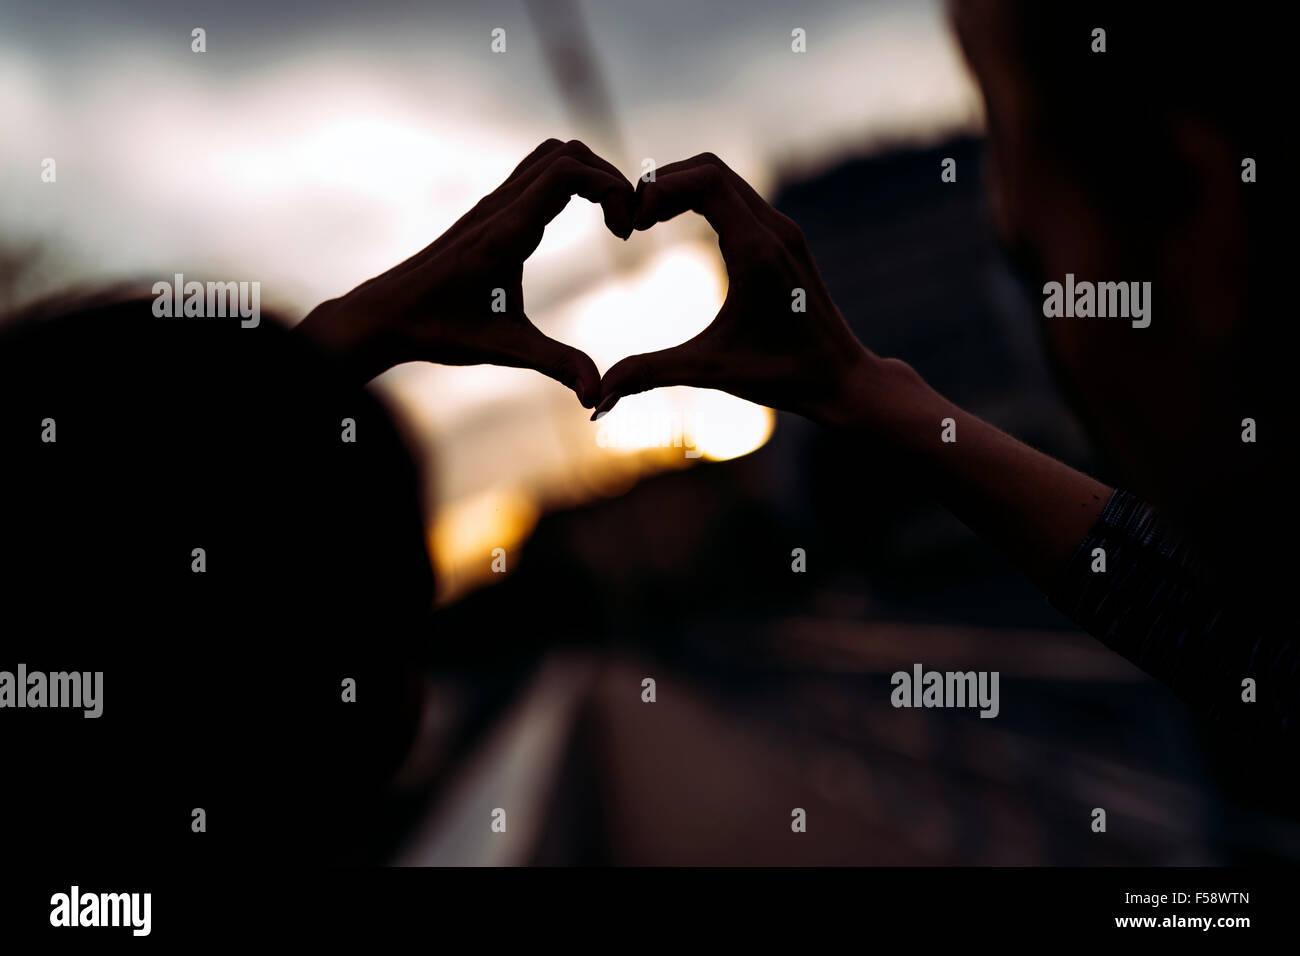 Silueta de un corazón hecho a mano Imagen De Stock